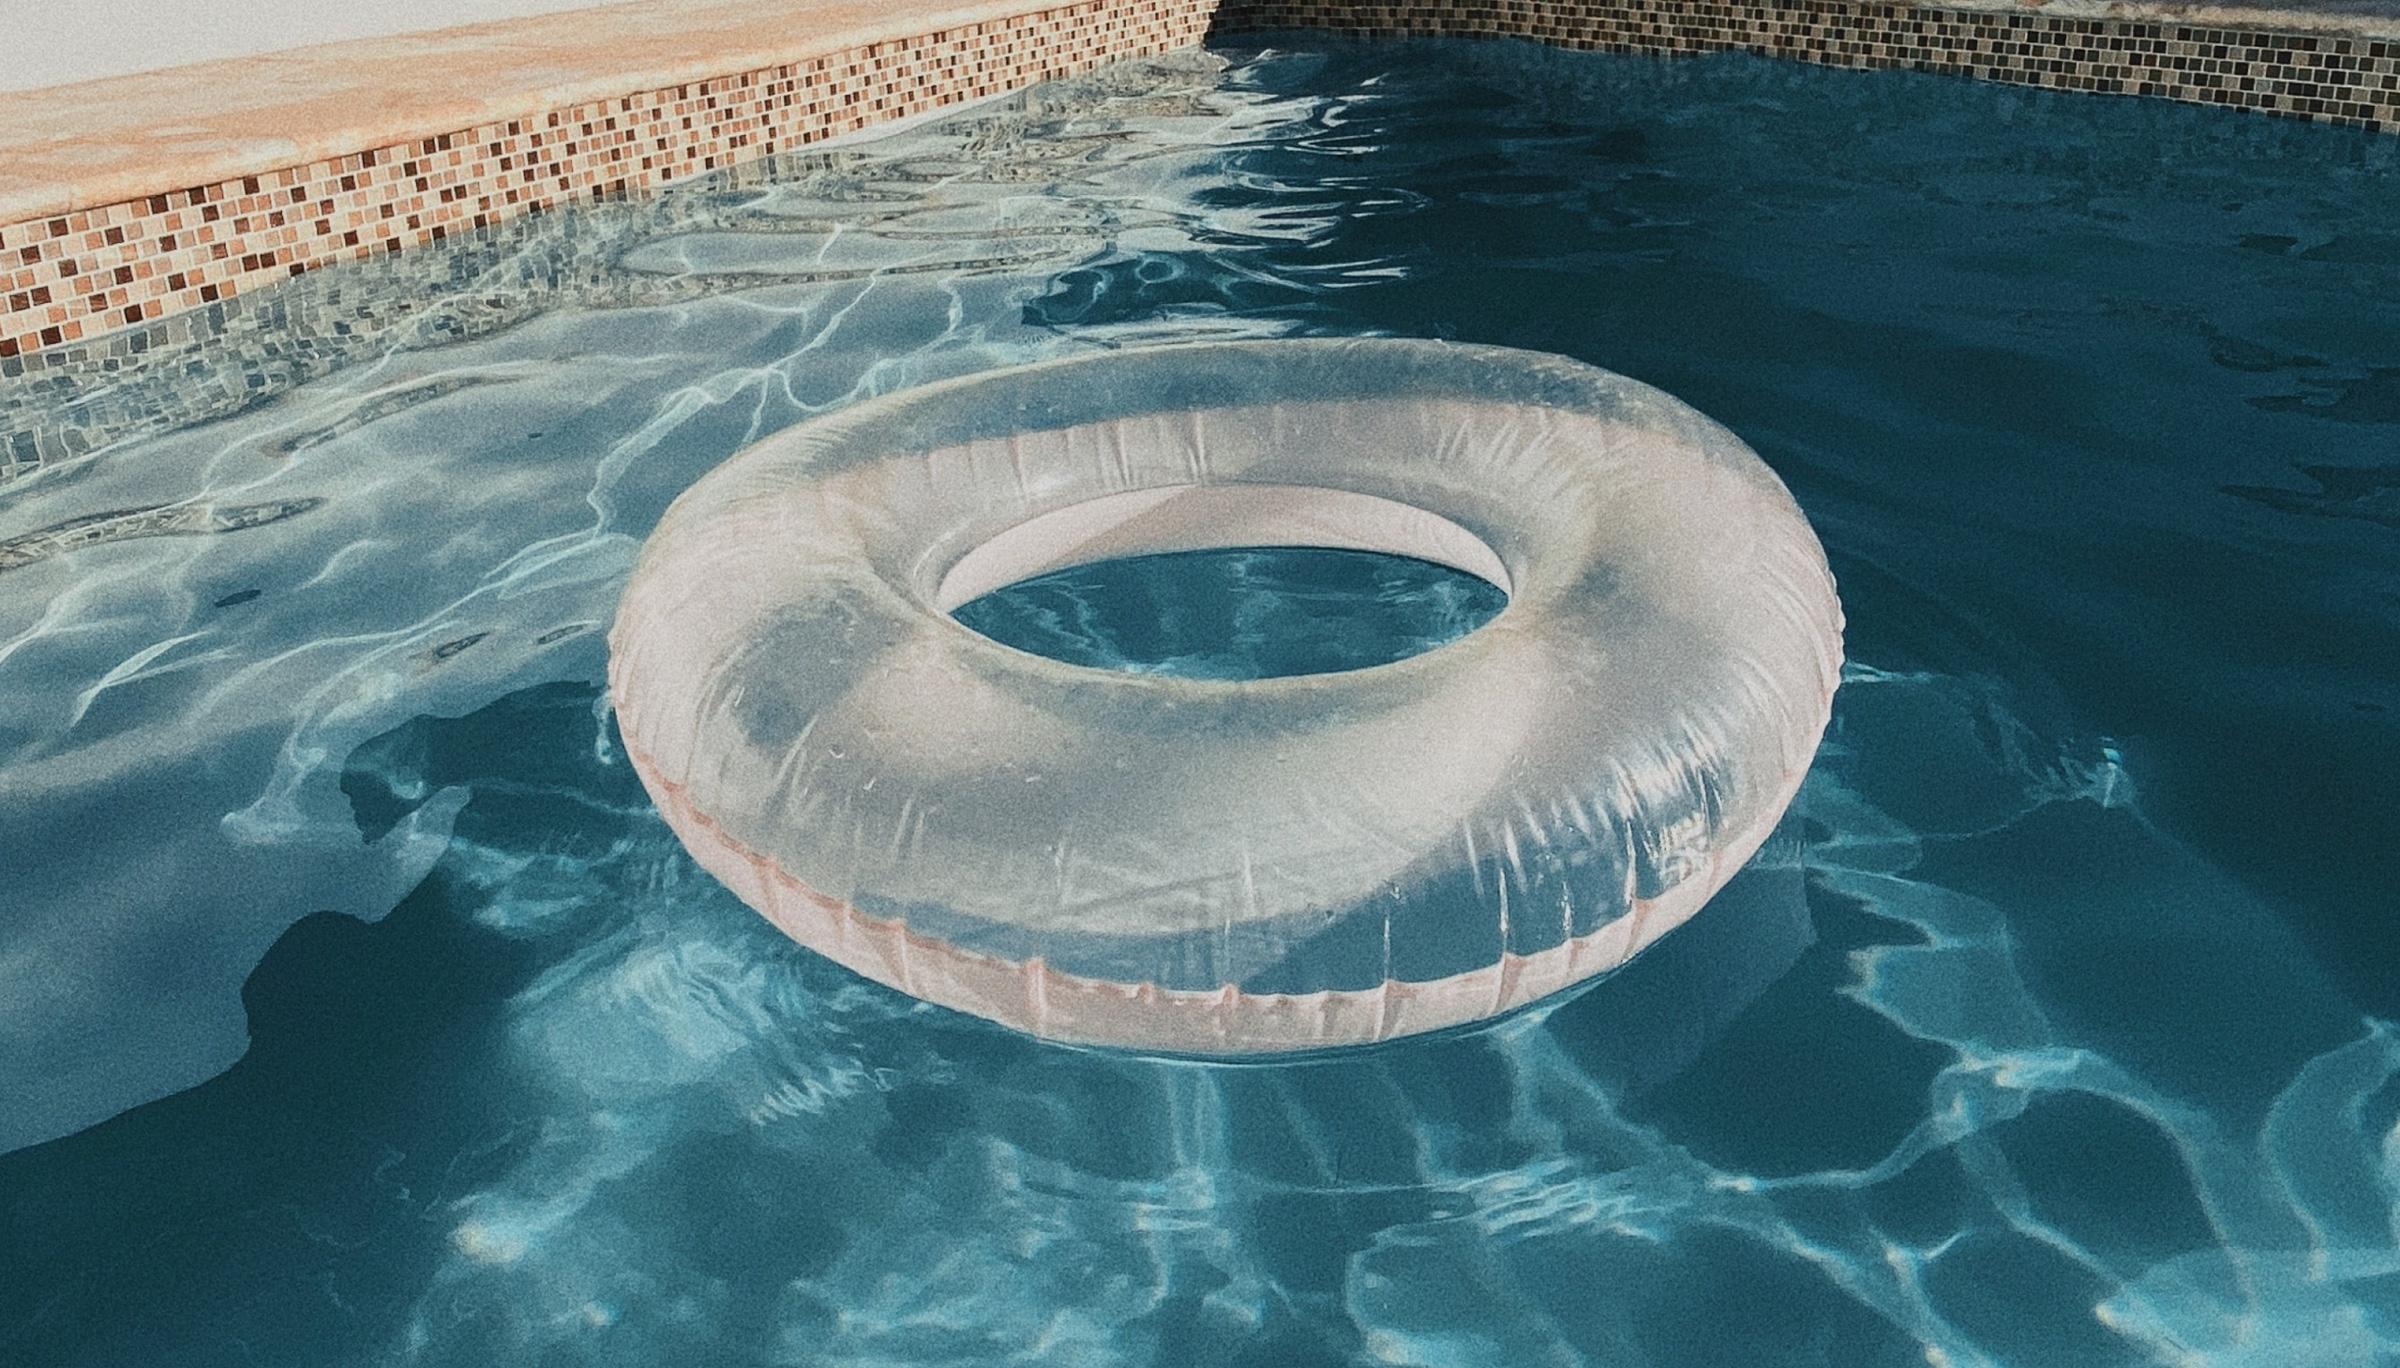 leisure_pool_float_optimized